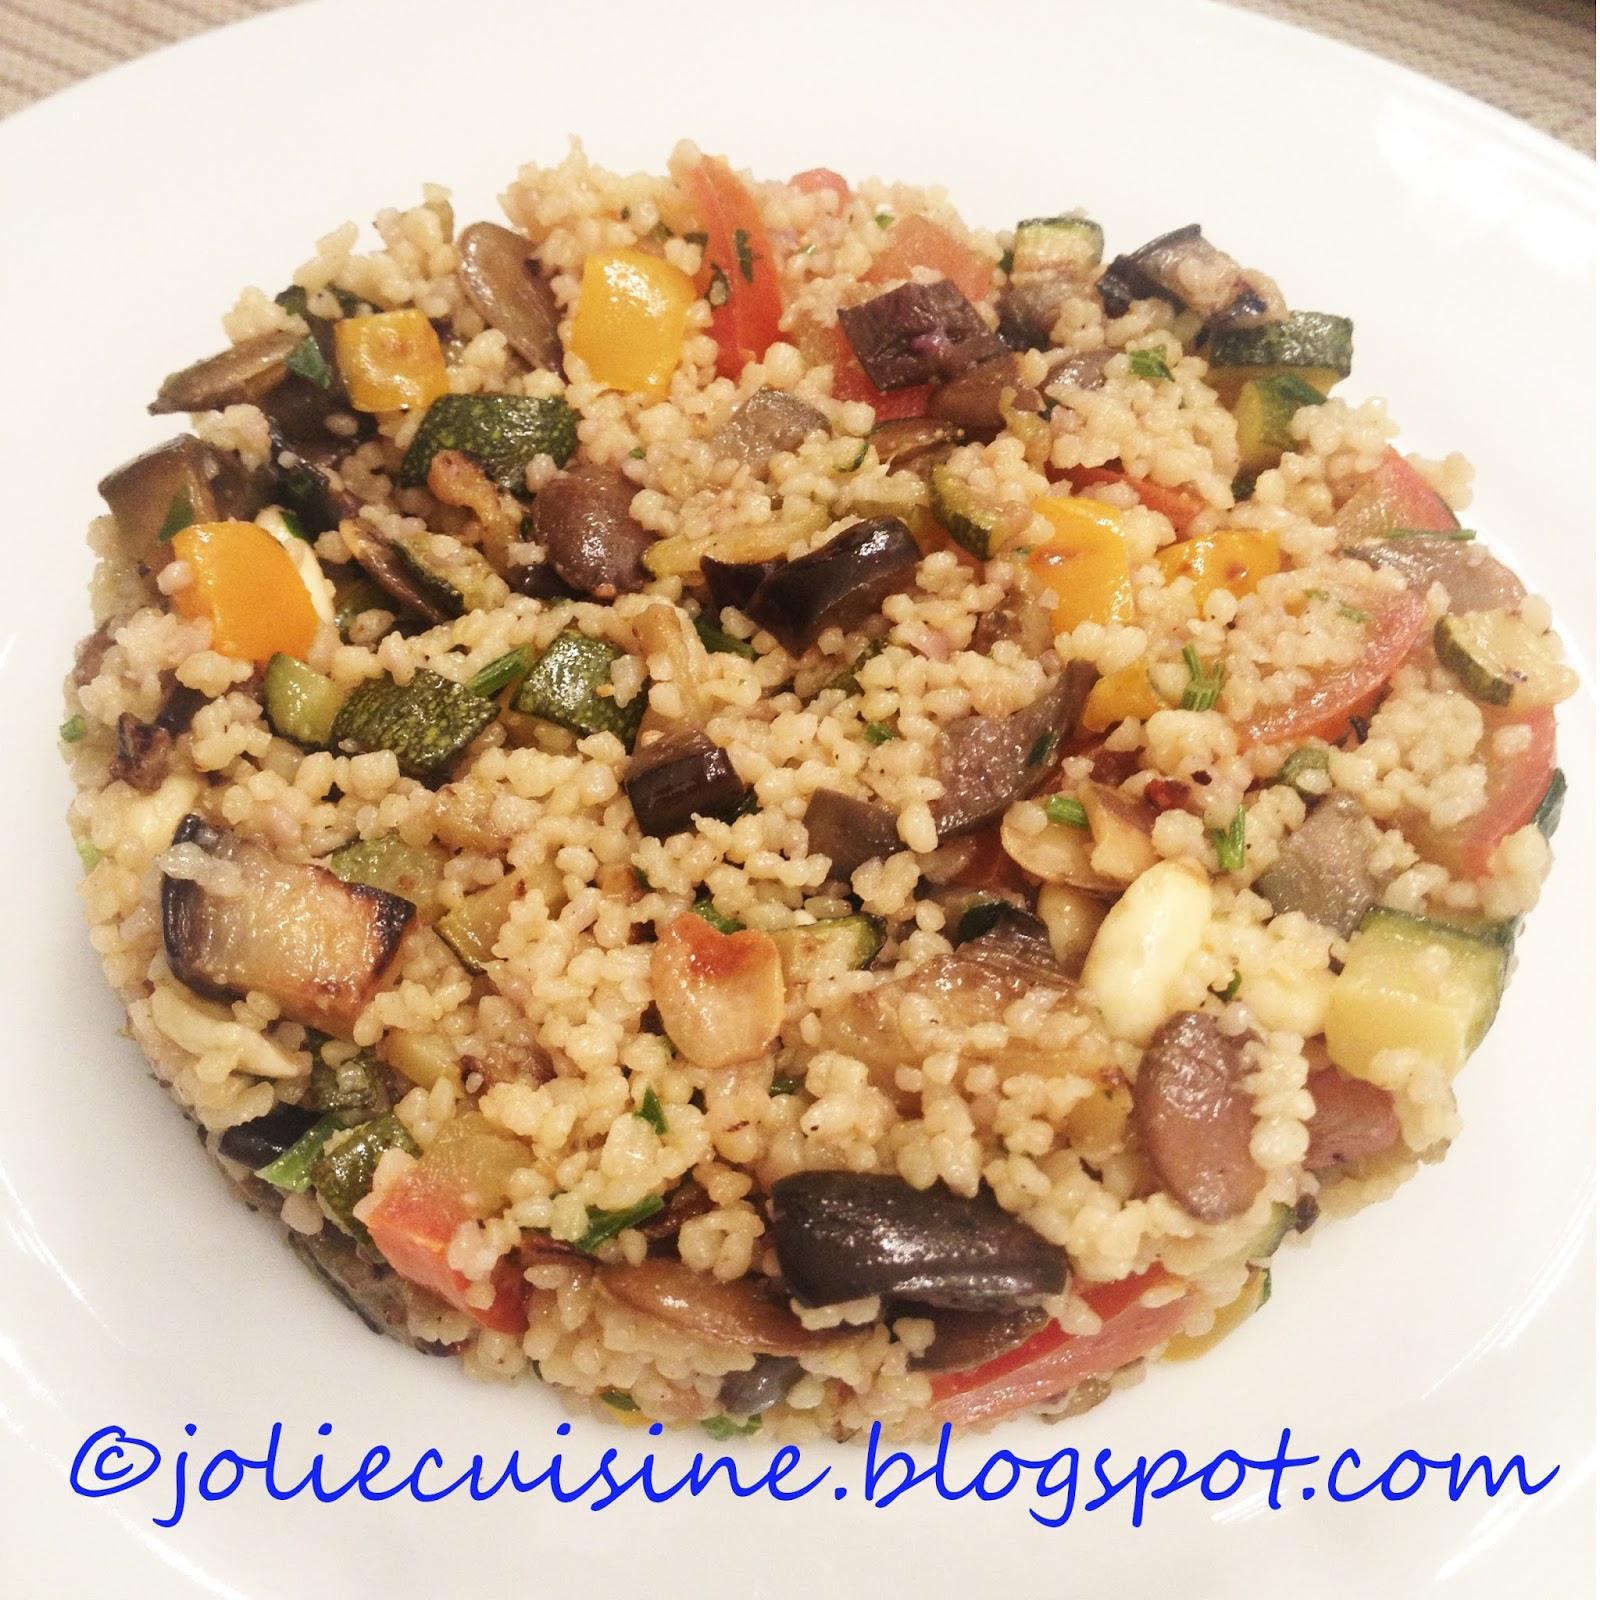 Jolie cuisine cous cous alle verdure - Jolie cuisine ...